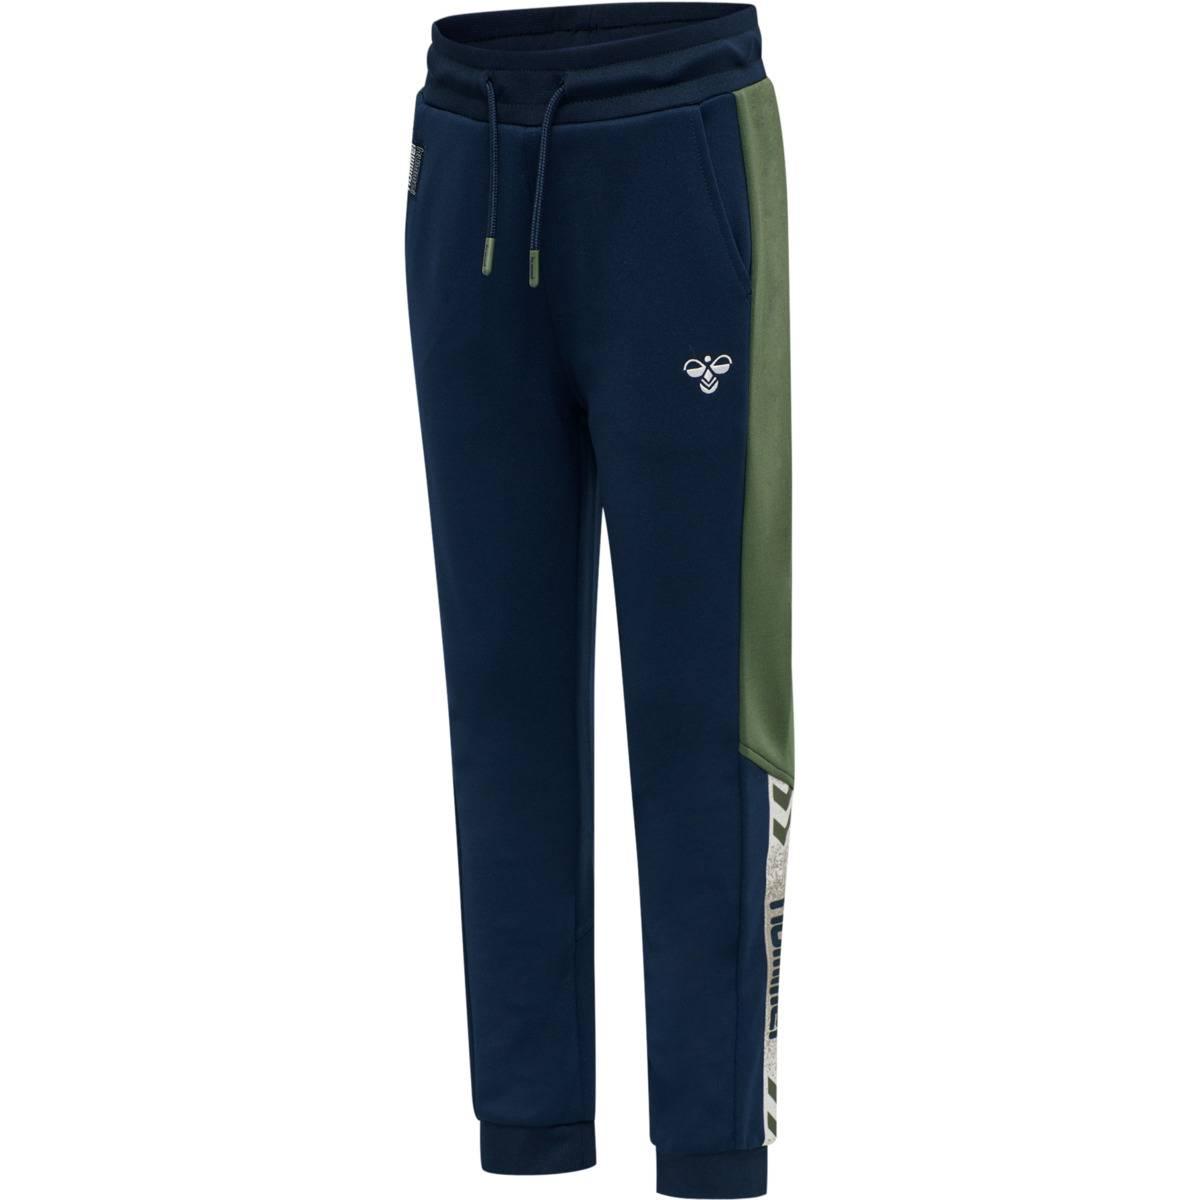 Hummel Eazy pants - black iris